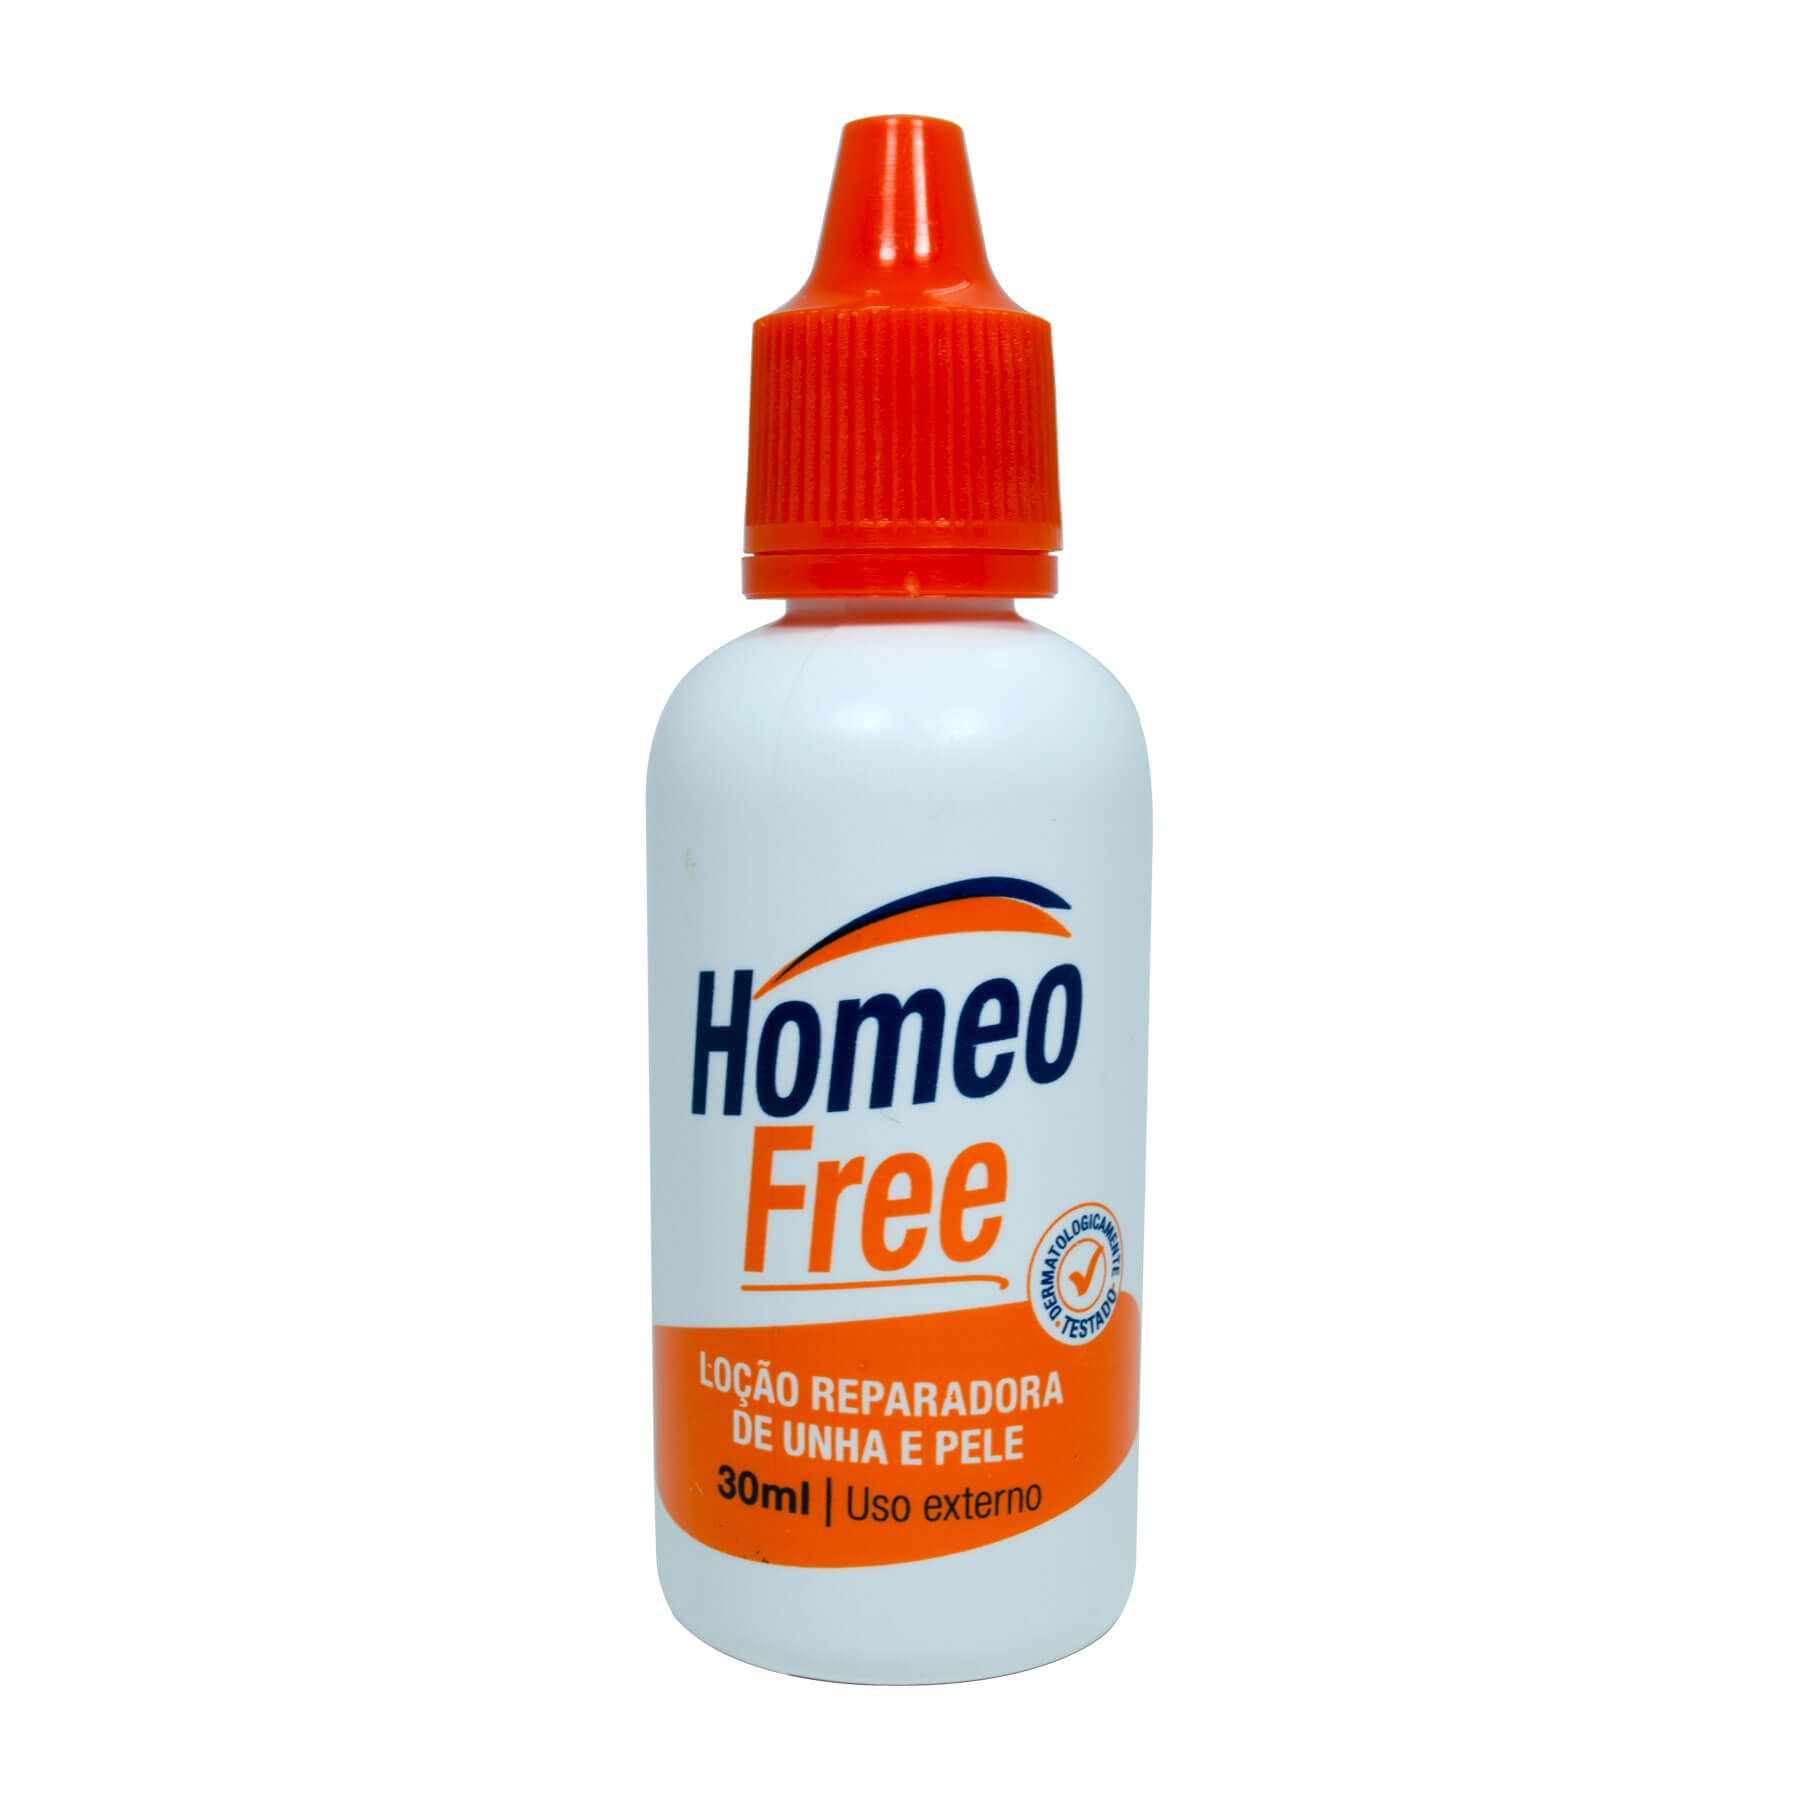 HomeoFree Loção Reparadora de Unhas e Pele 30ml